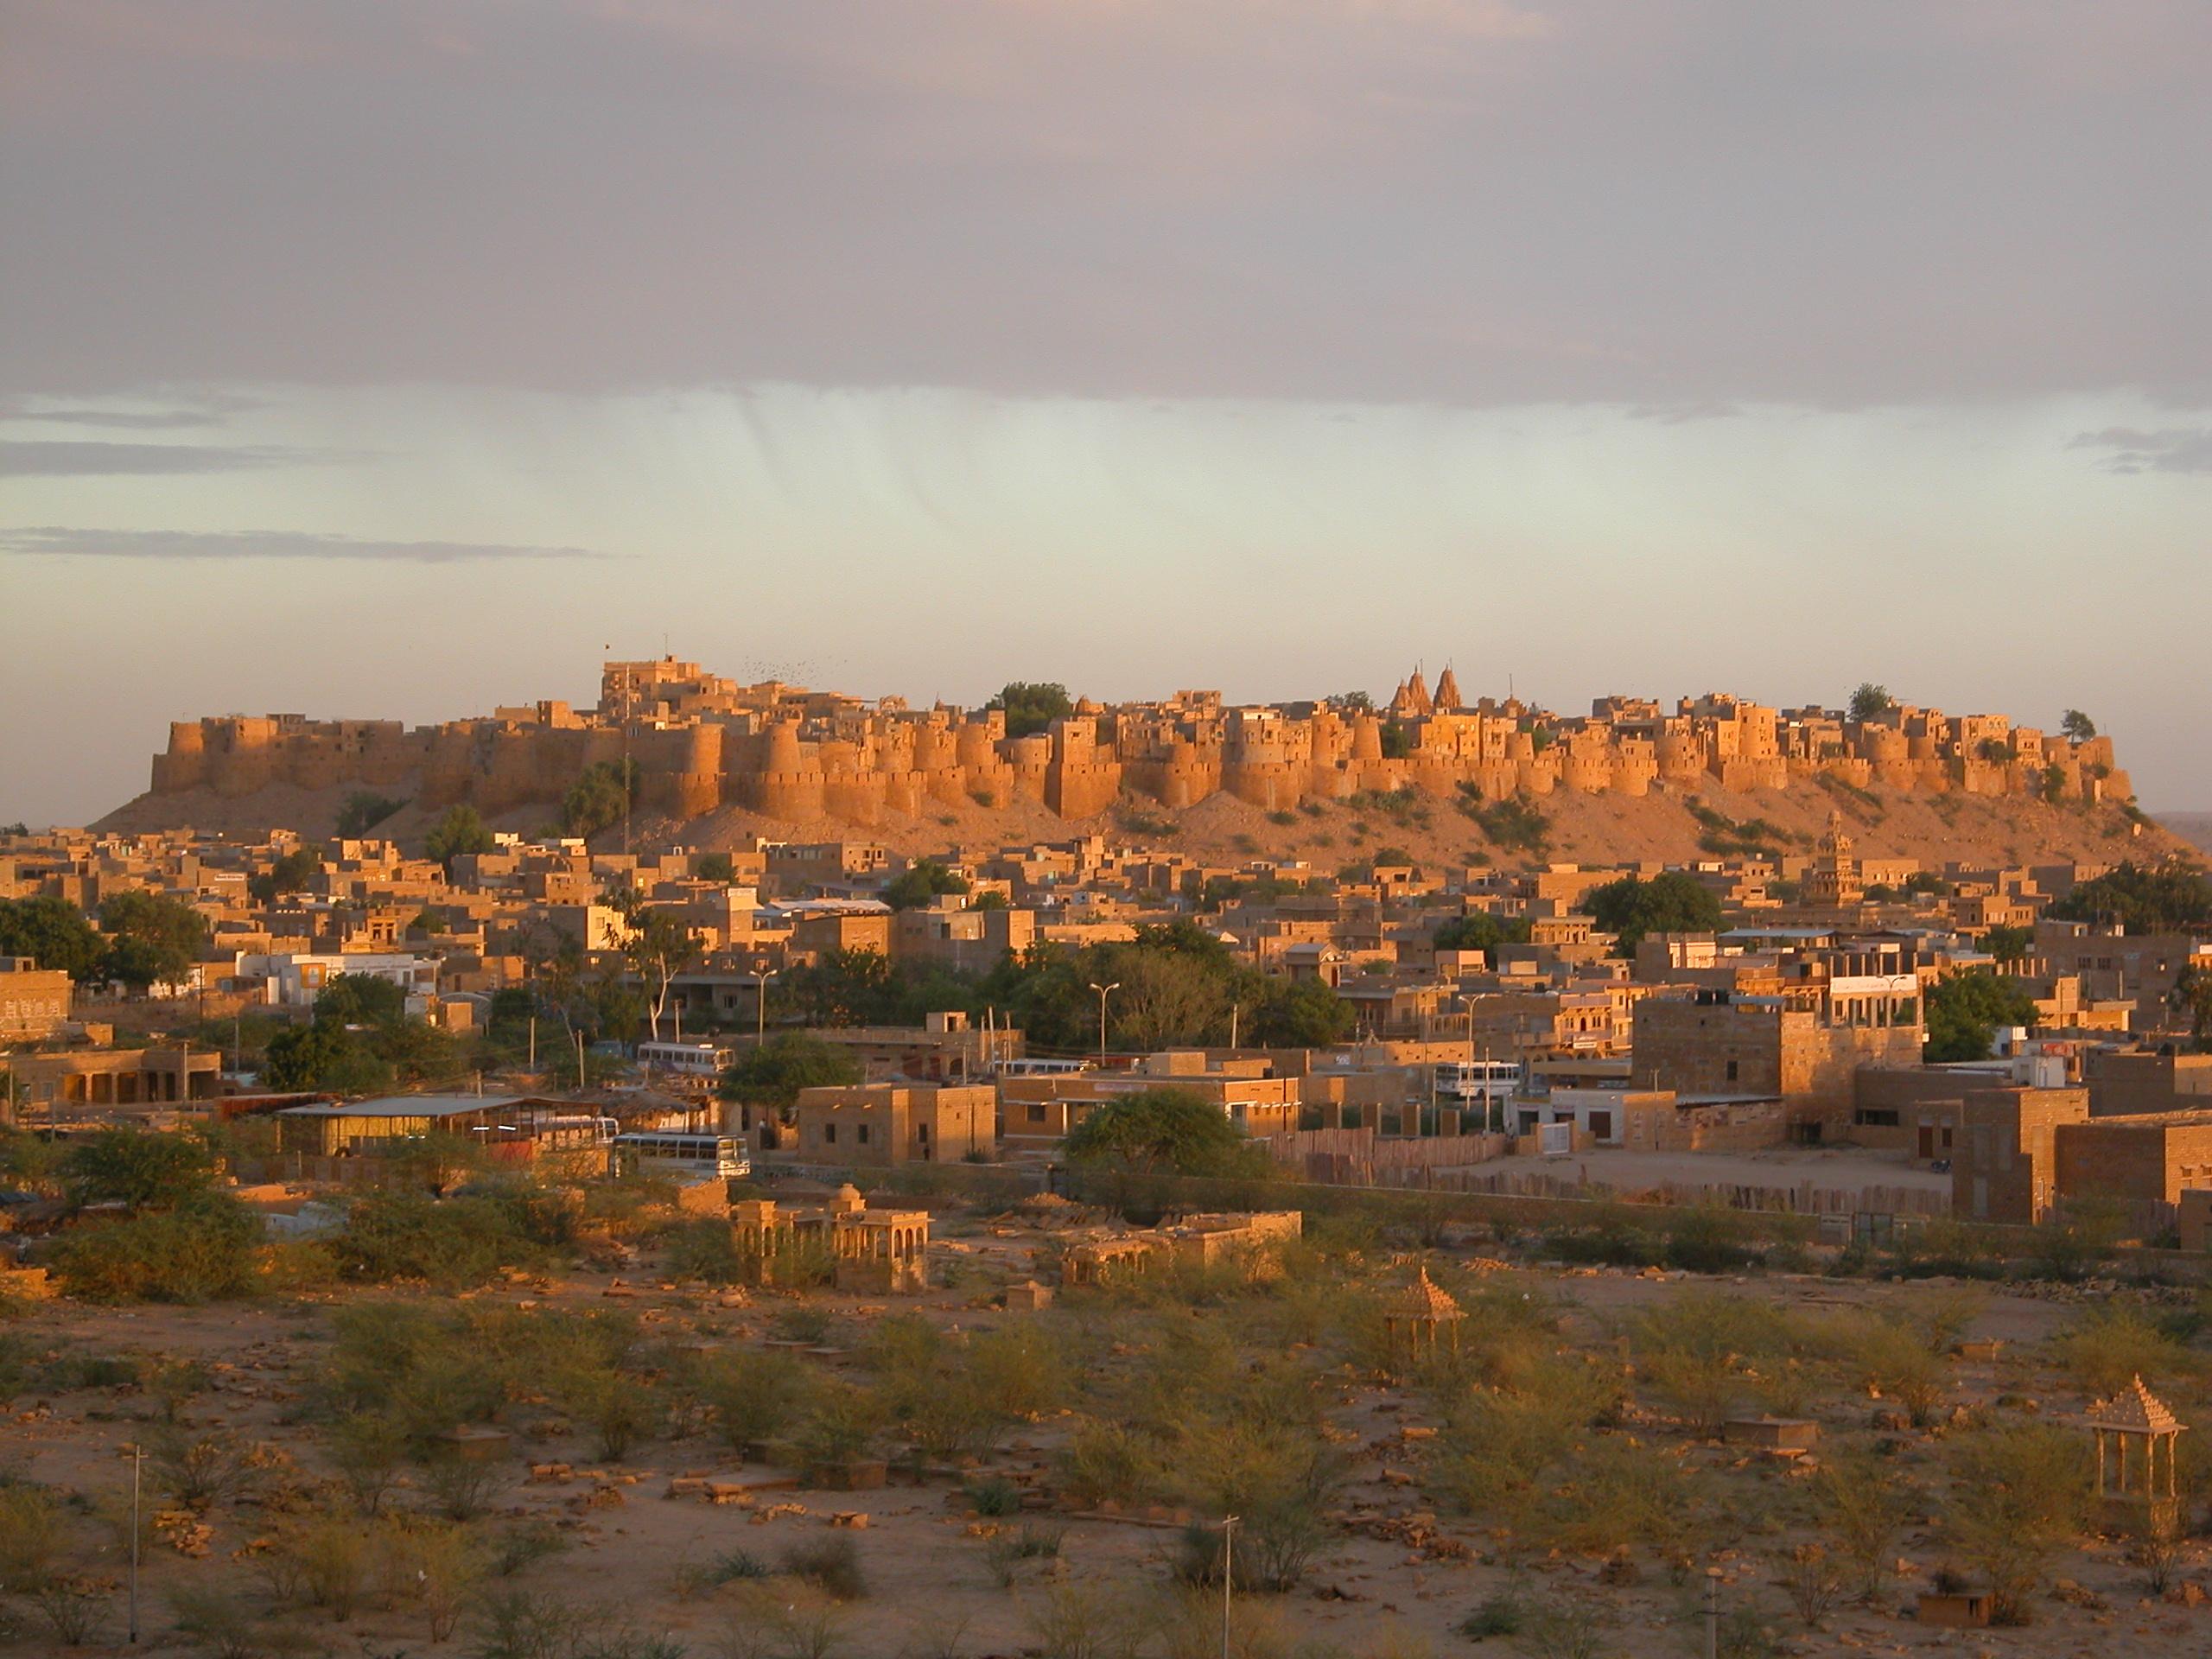 悠久の歴史を感じる黄金色の砂漠都市「ジャイサルメール」